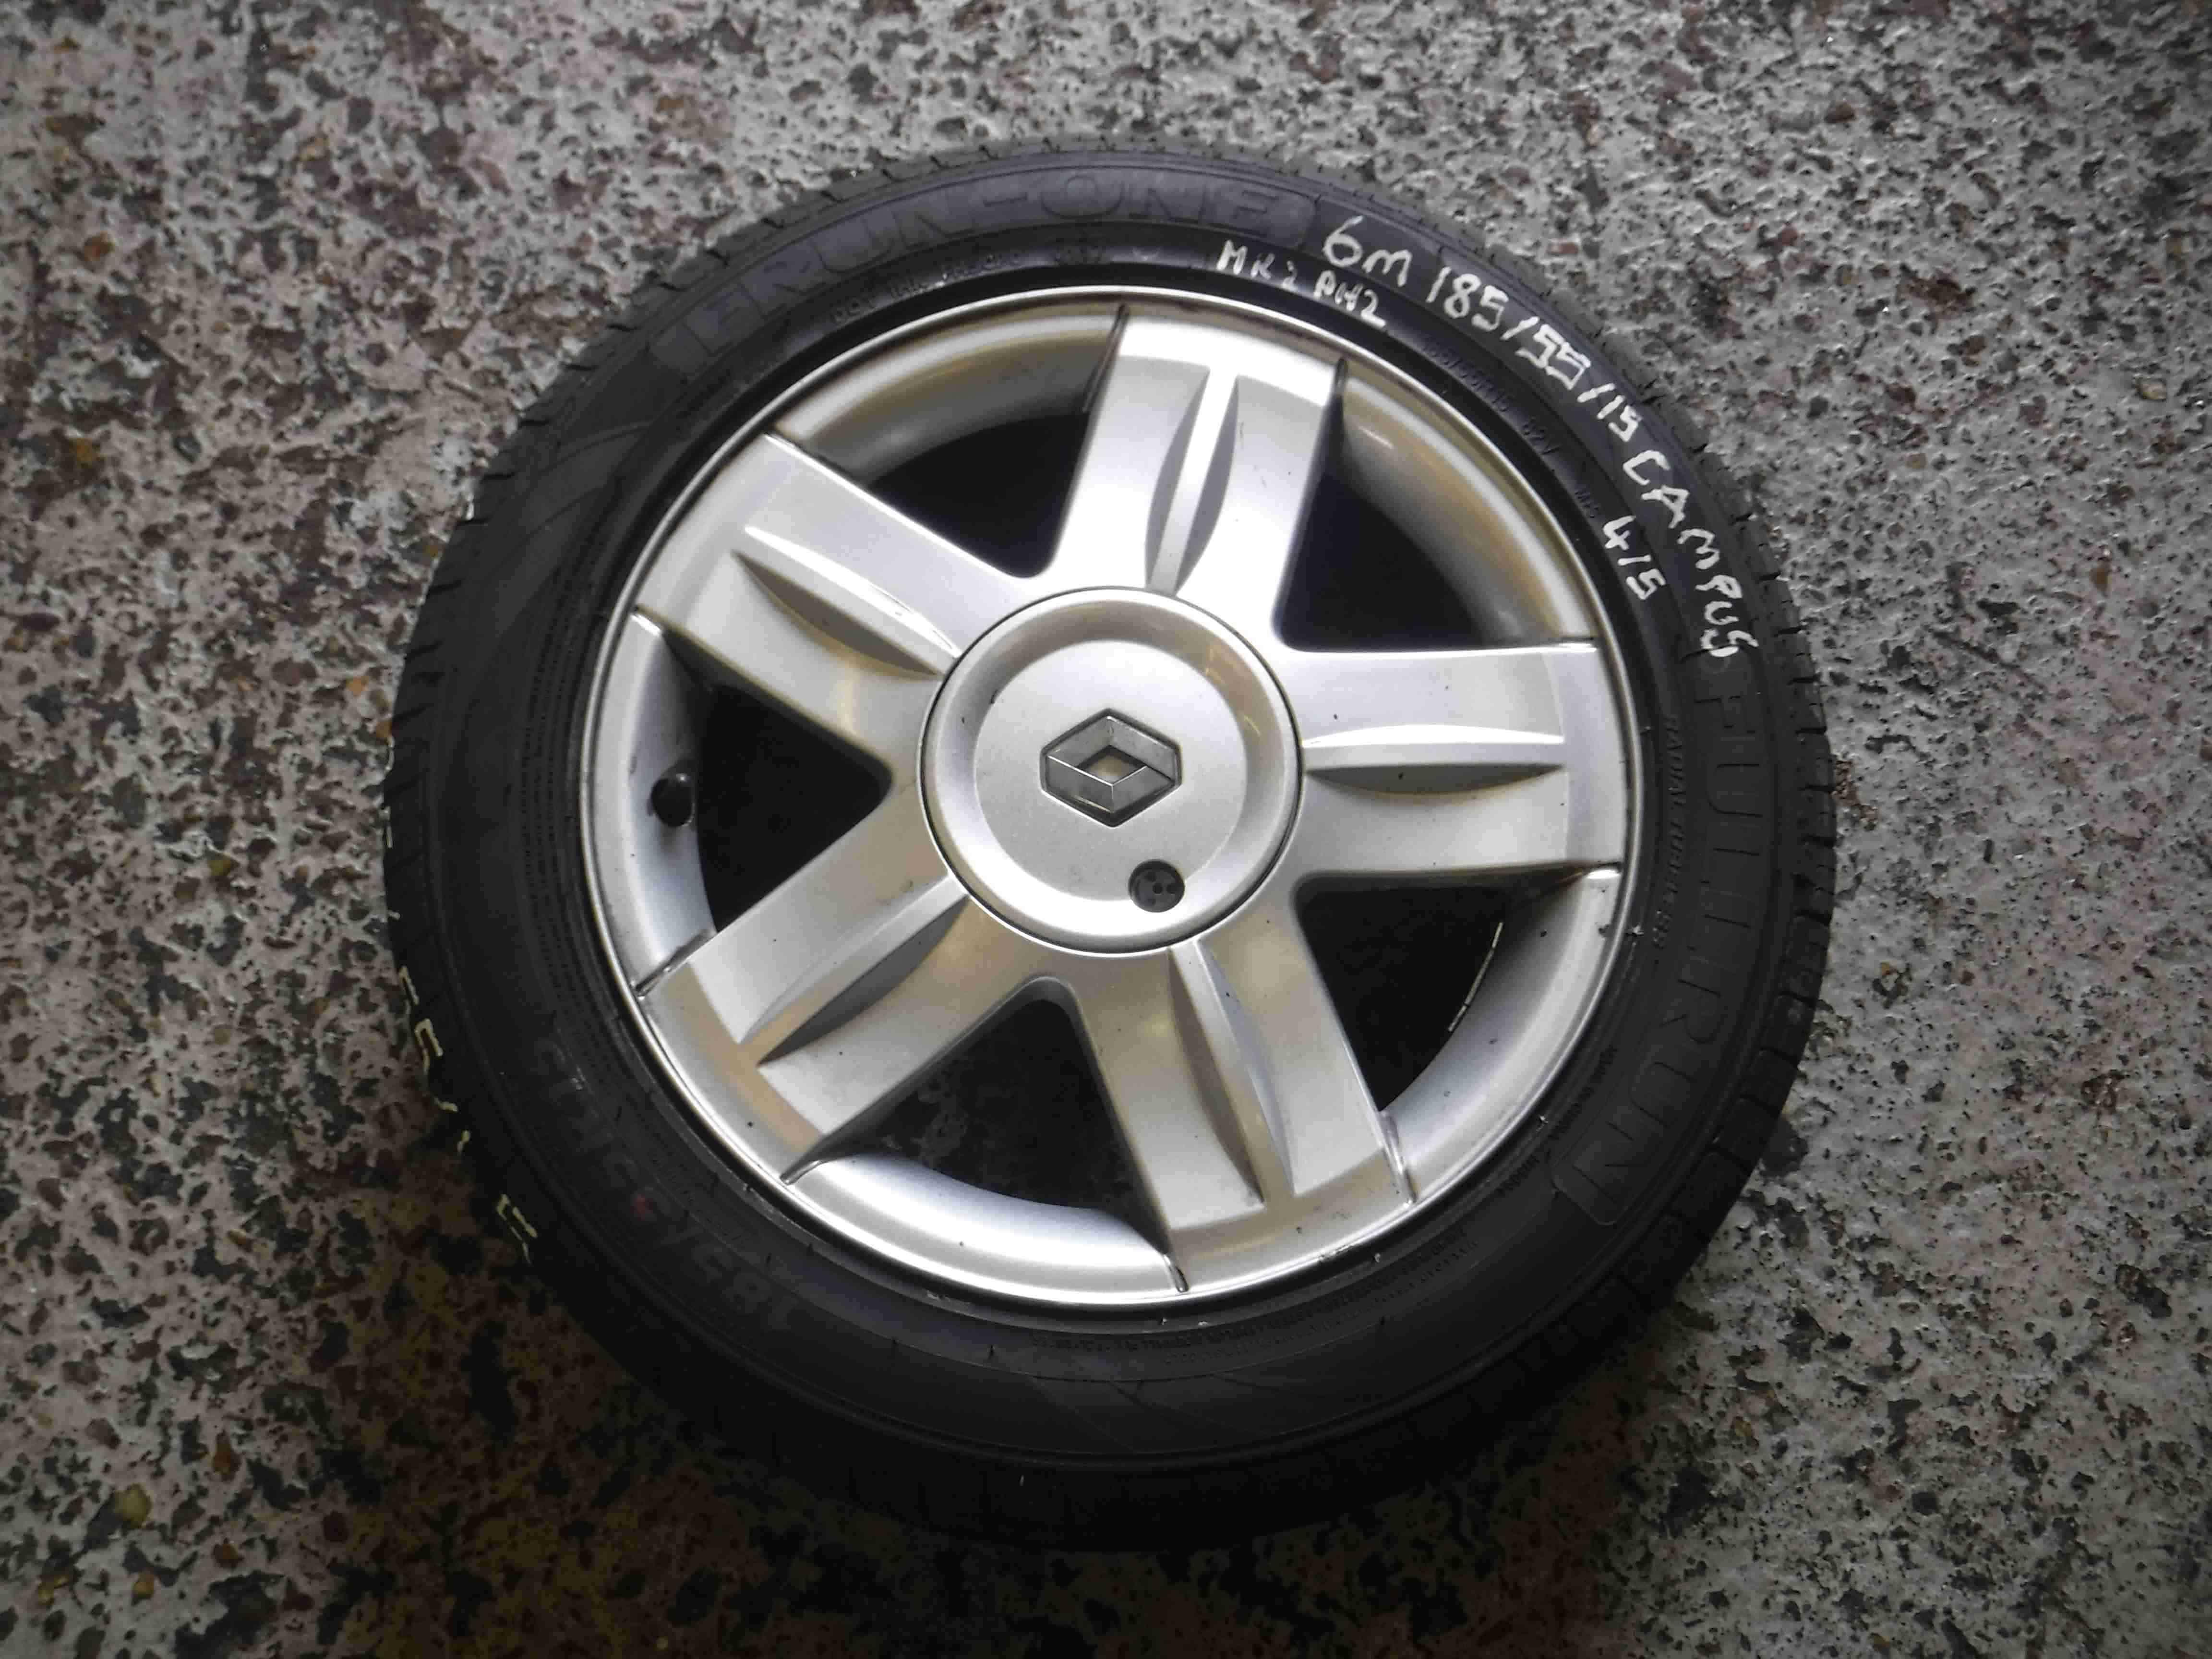 Renault Clio MK2 2001-2006 Campus Alium Alloy Wheel + Tyre 185 55 15 6mm 3/5